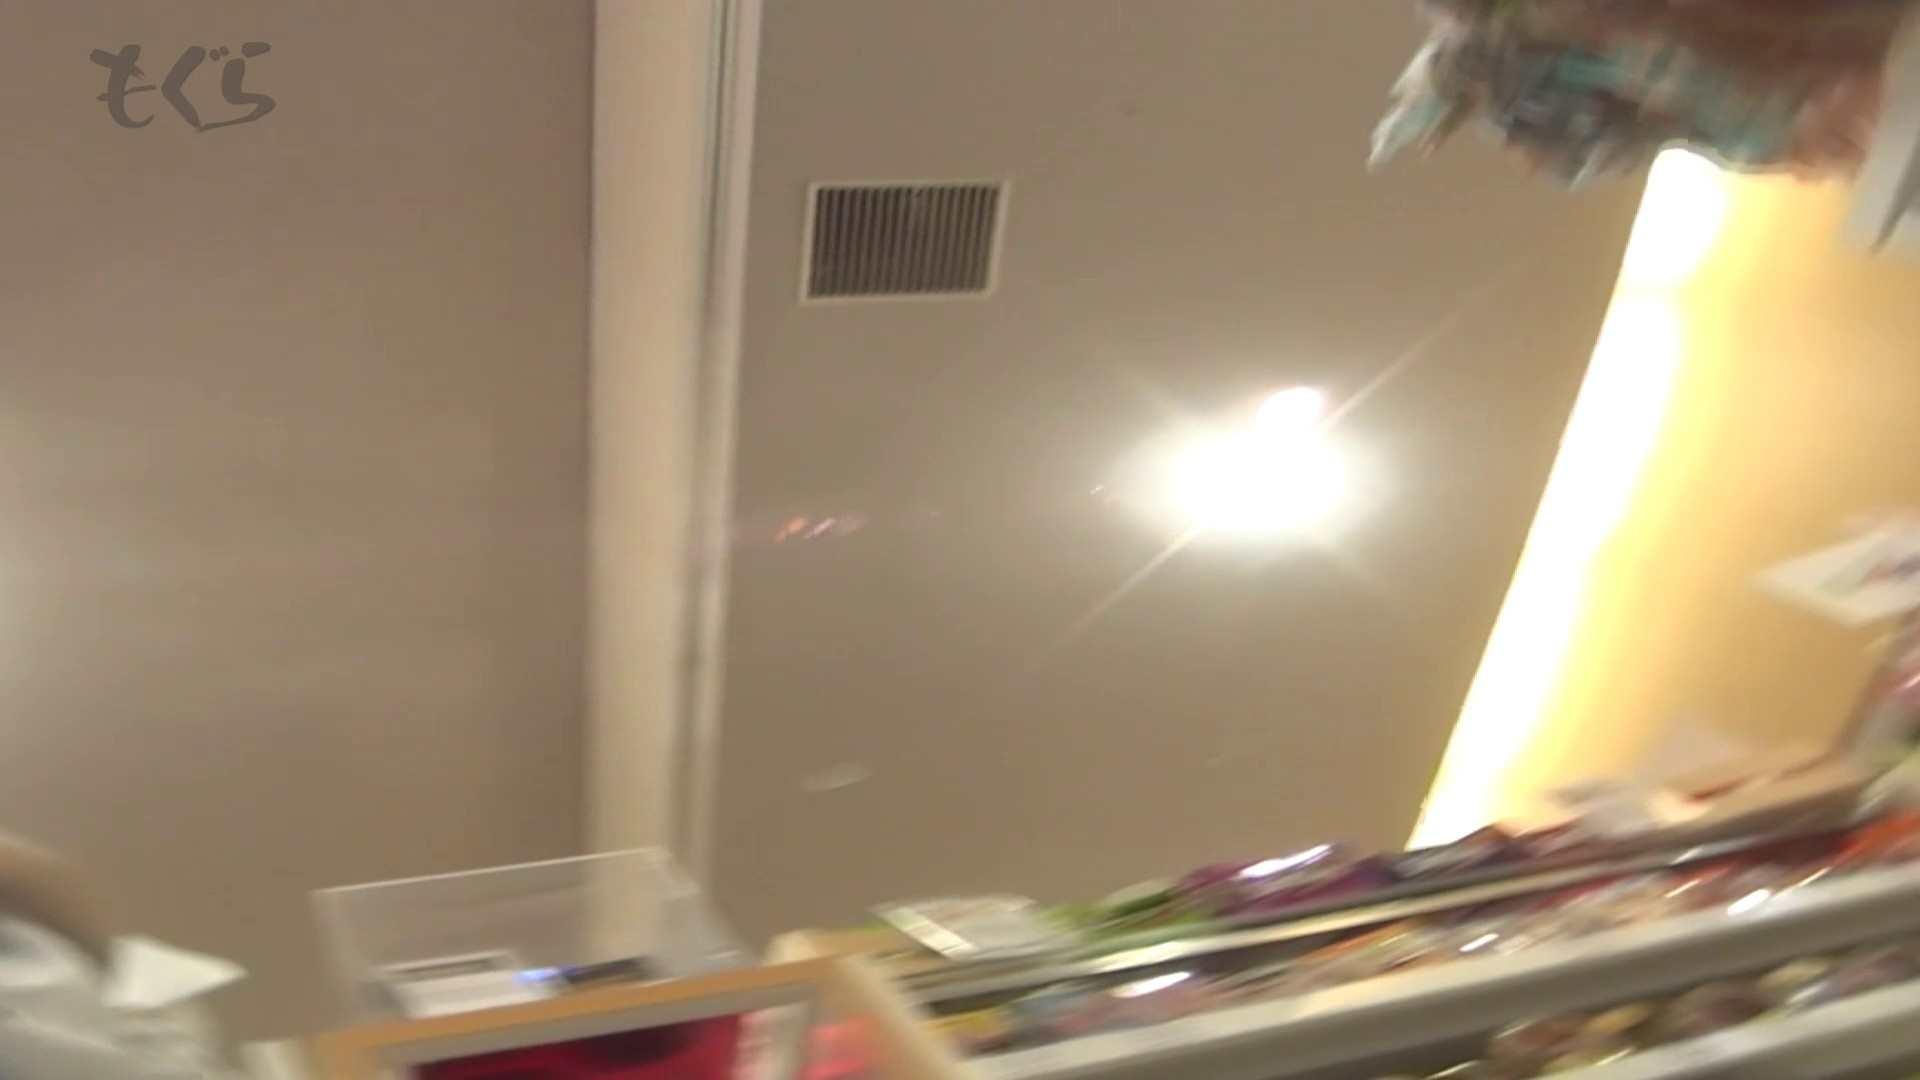 隣からNo20 短めヒラヒラ系ギャルGET!! ギャル盗撮映像  109PIX 20